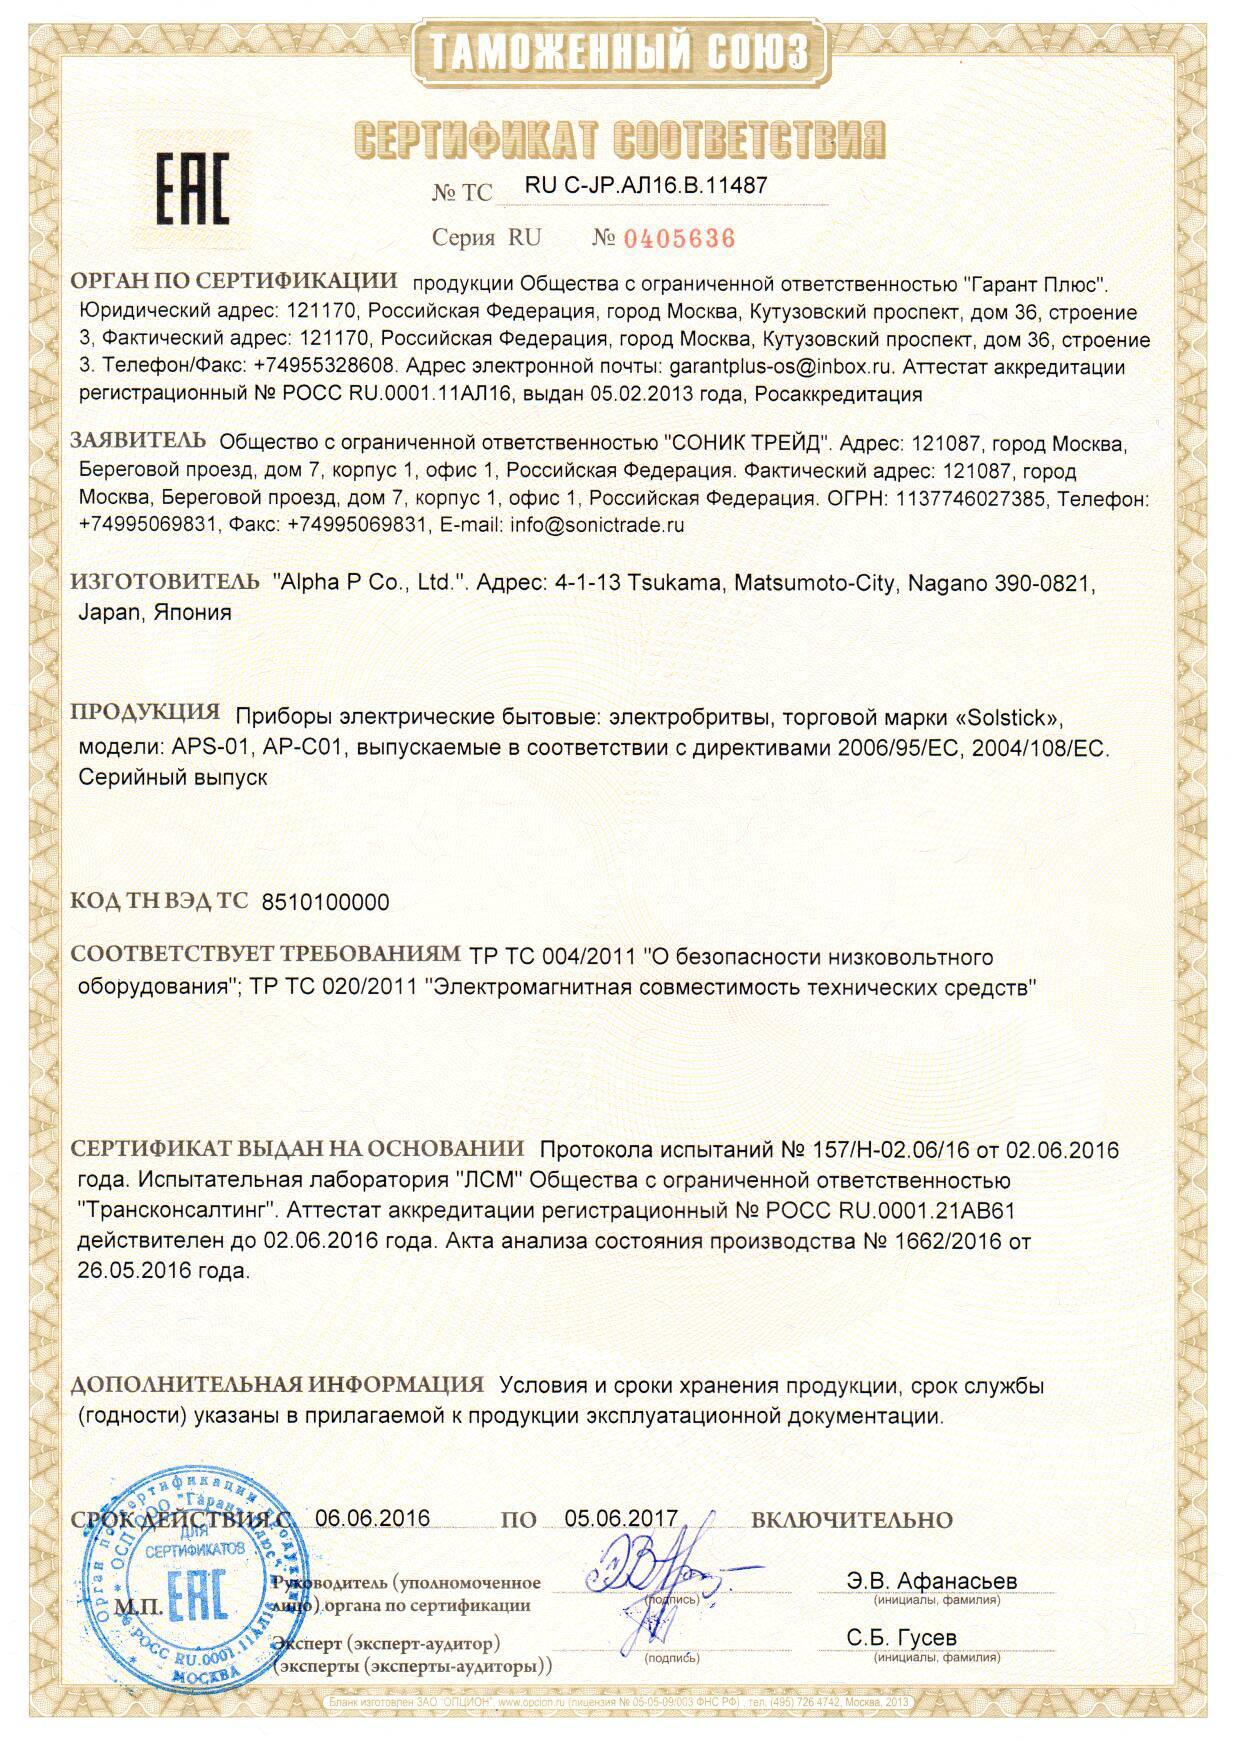 sertificat-01